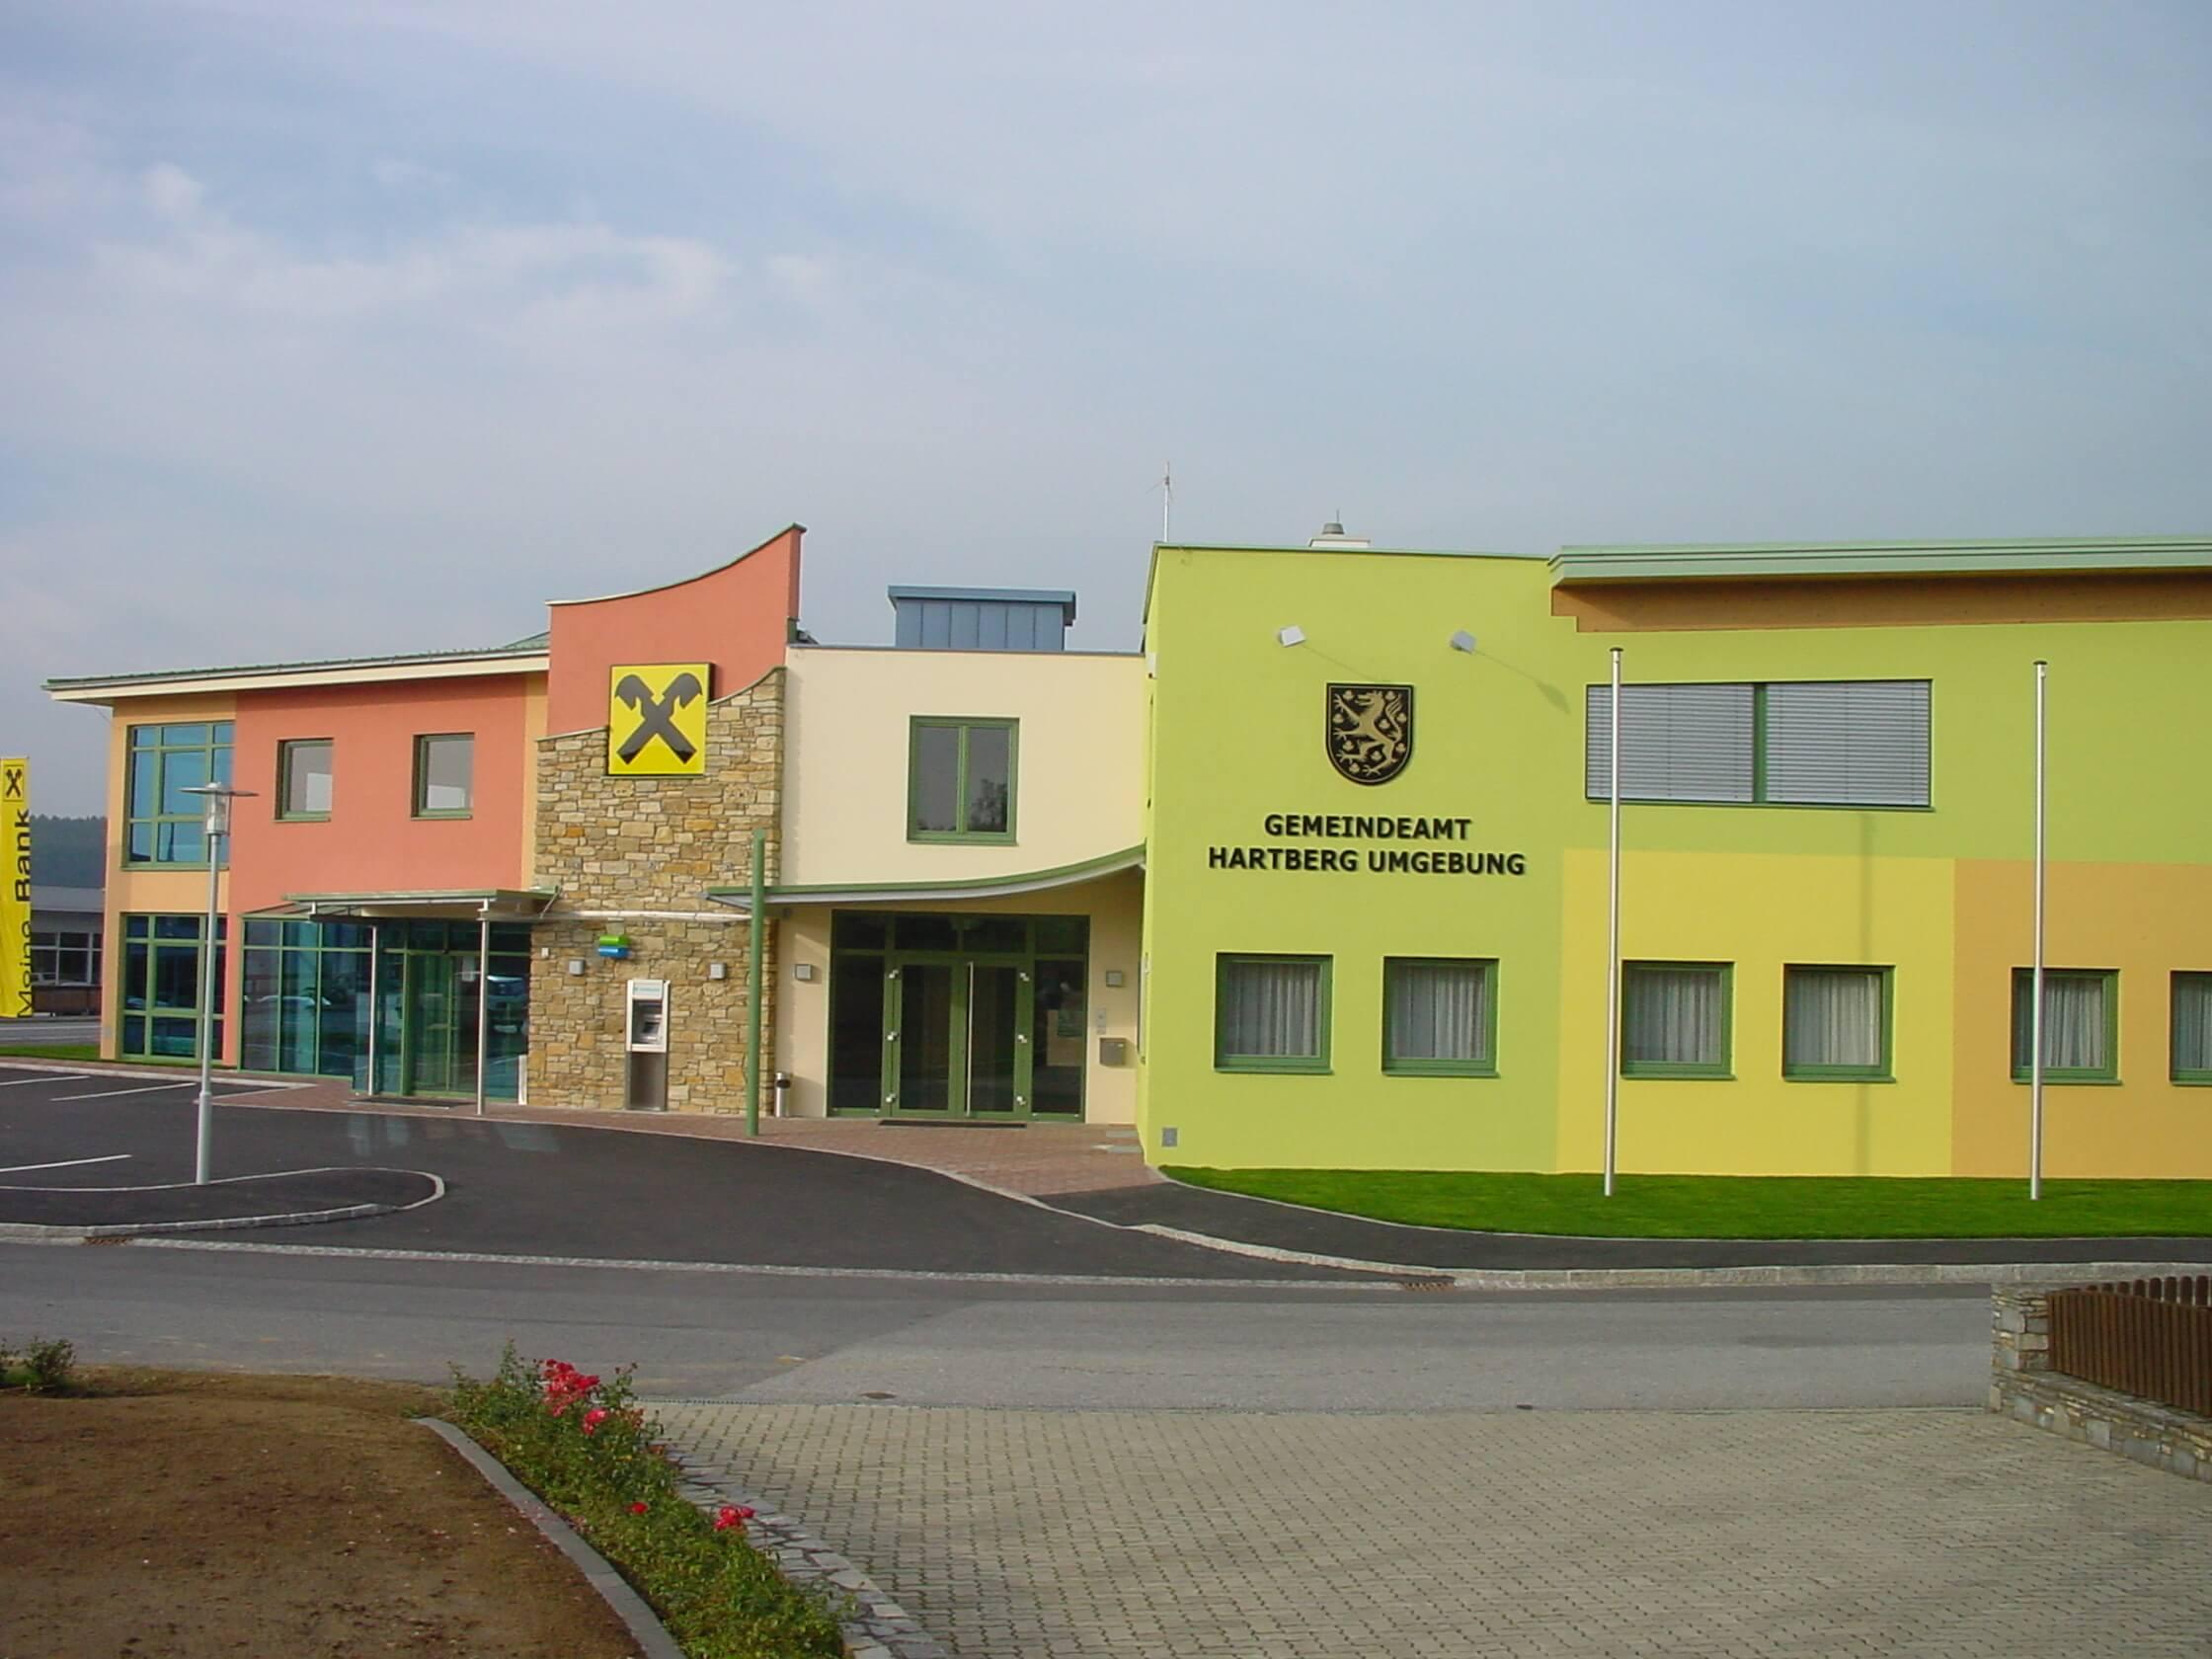 Gemeindeamt Hartberg Umgebung